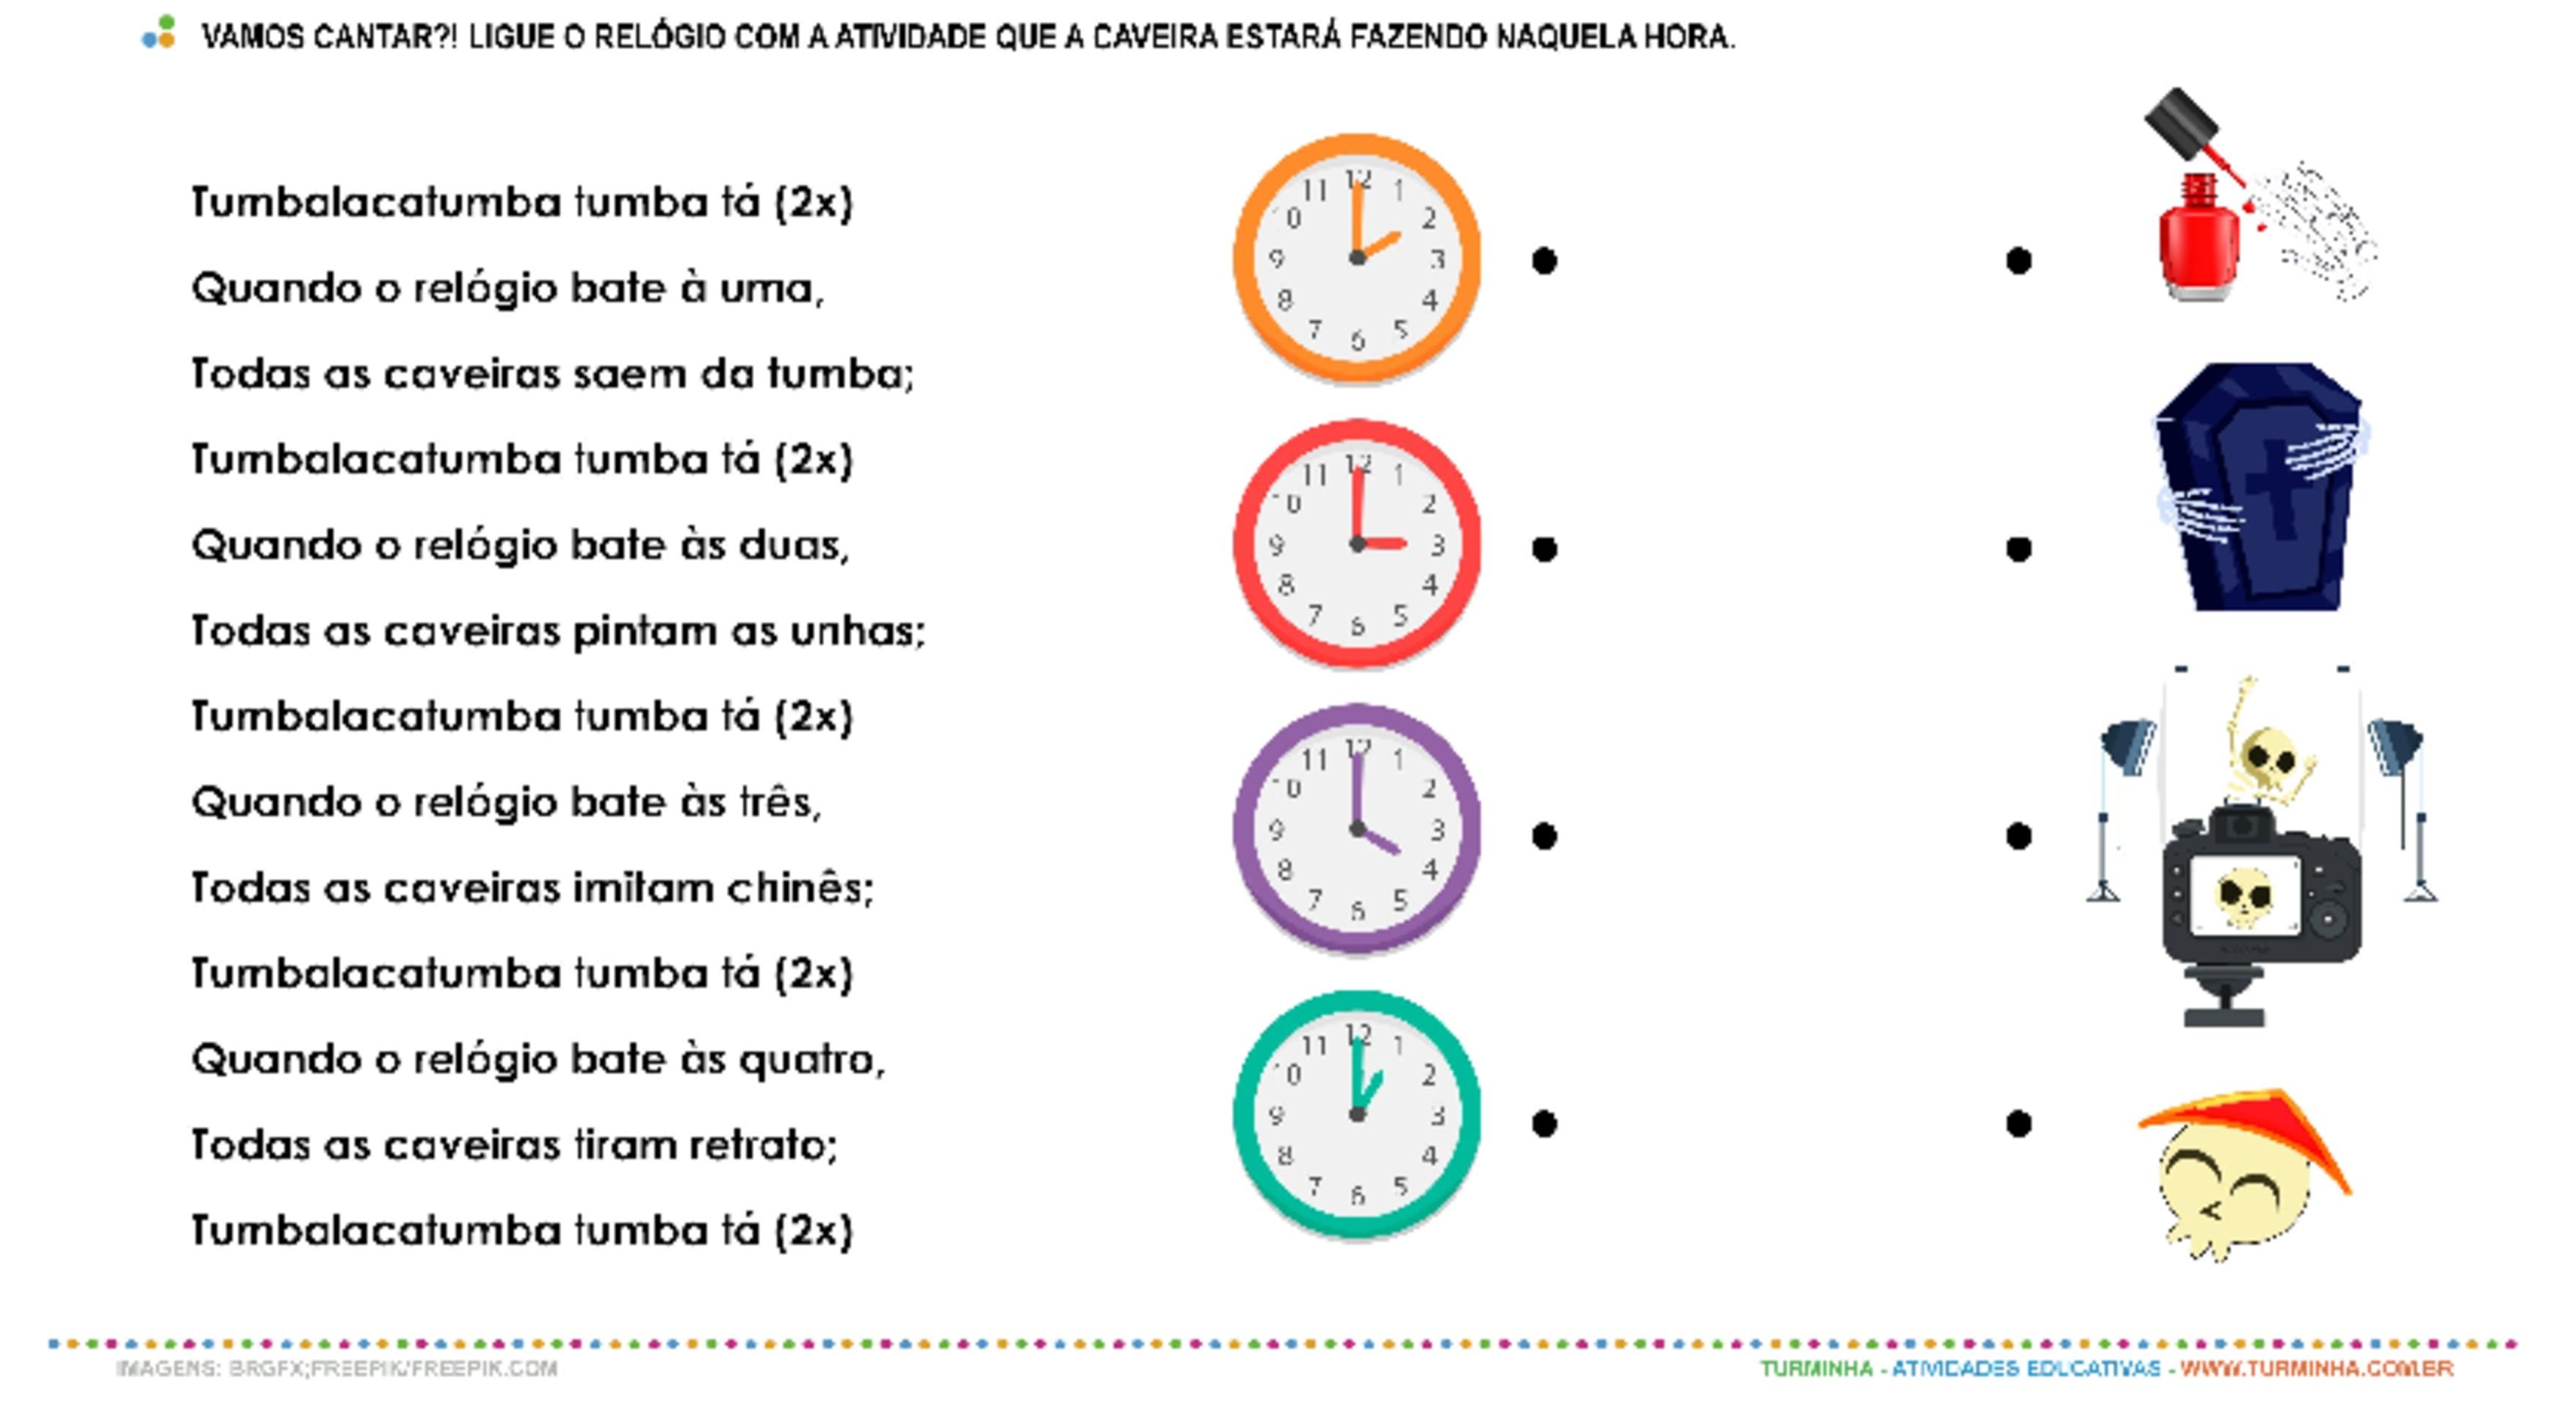 Tumbalacatumba – Trabalhando as horas - atividade educativa para Pré-Escola (4 e 5 anos)